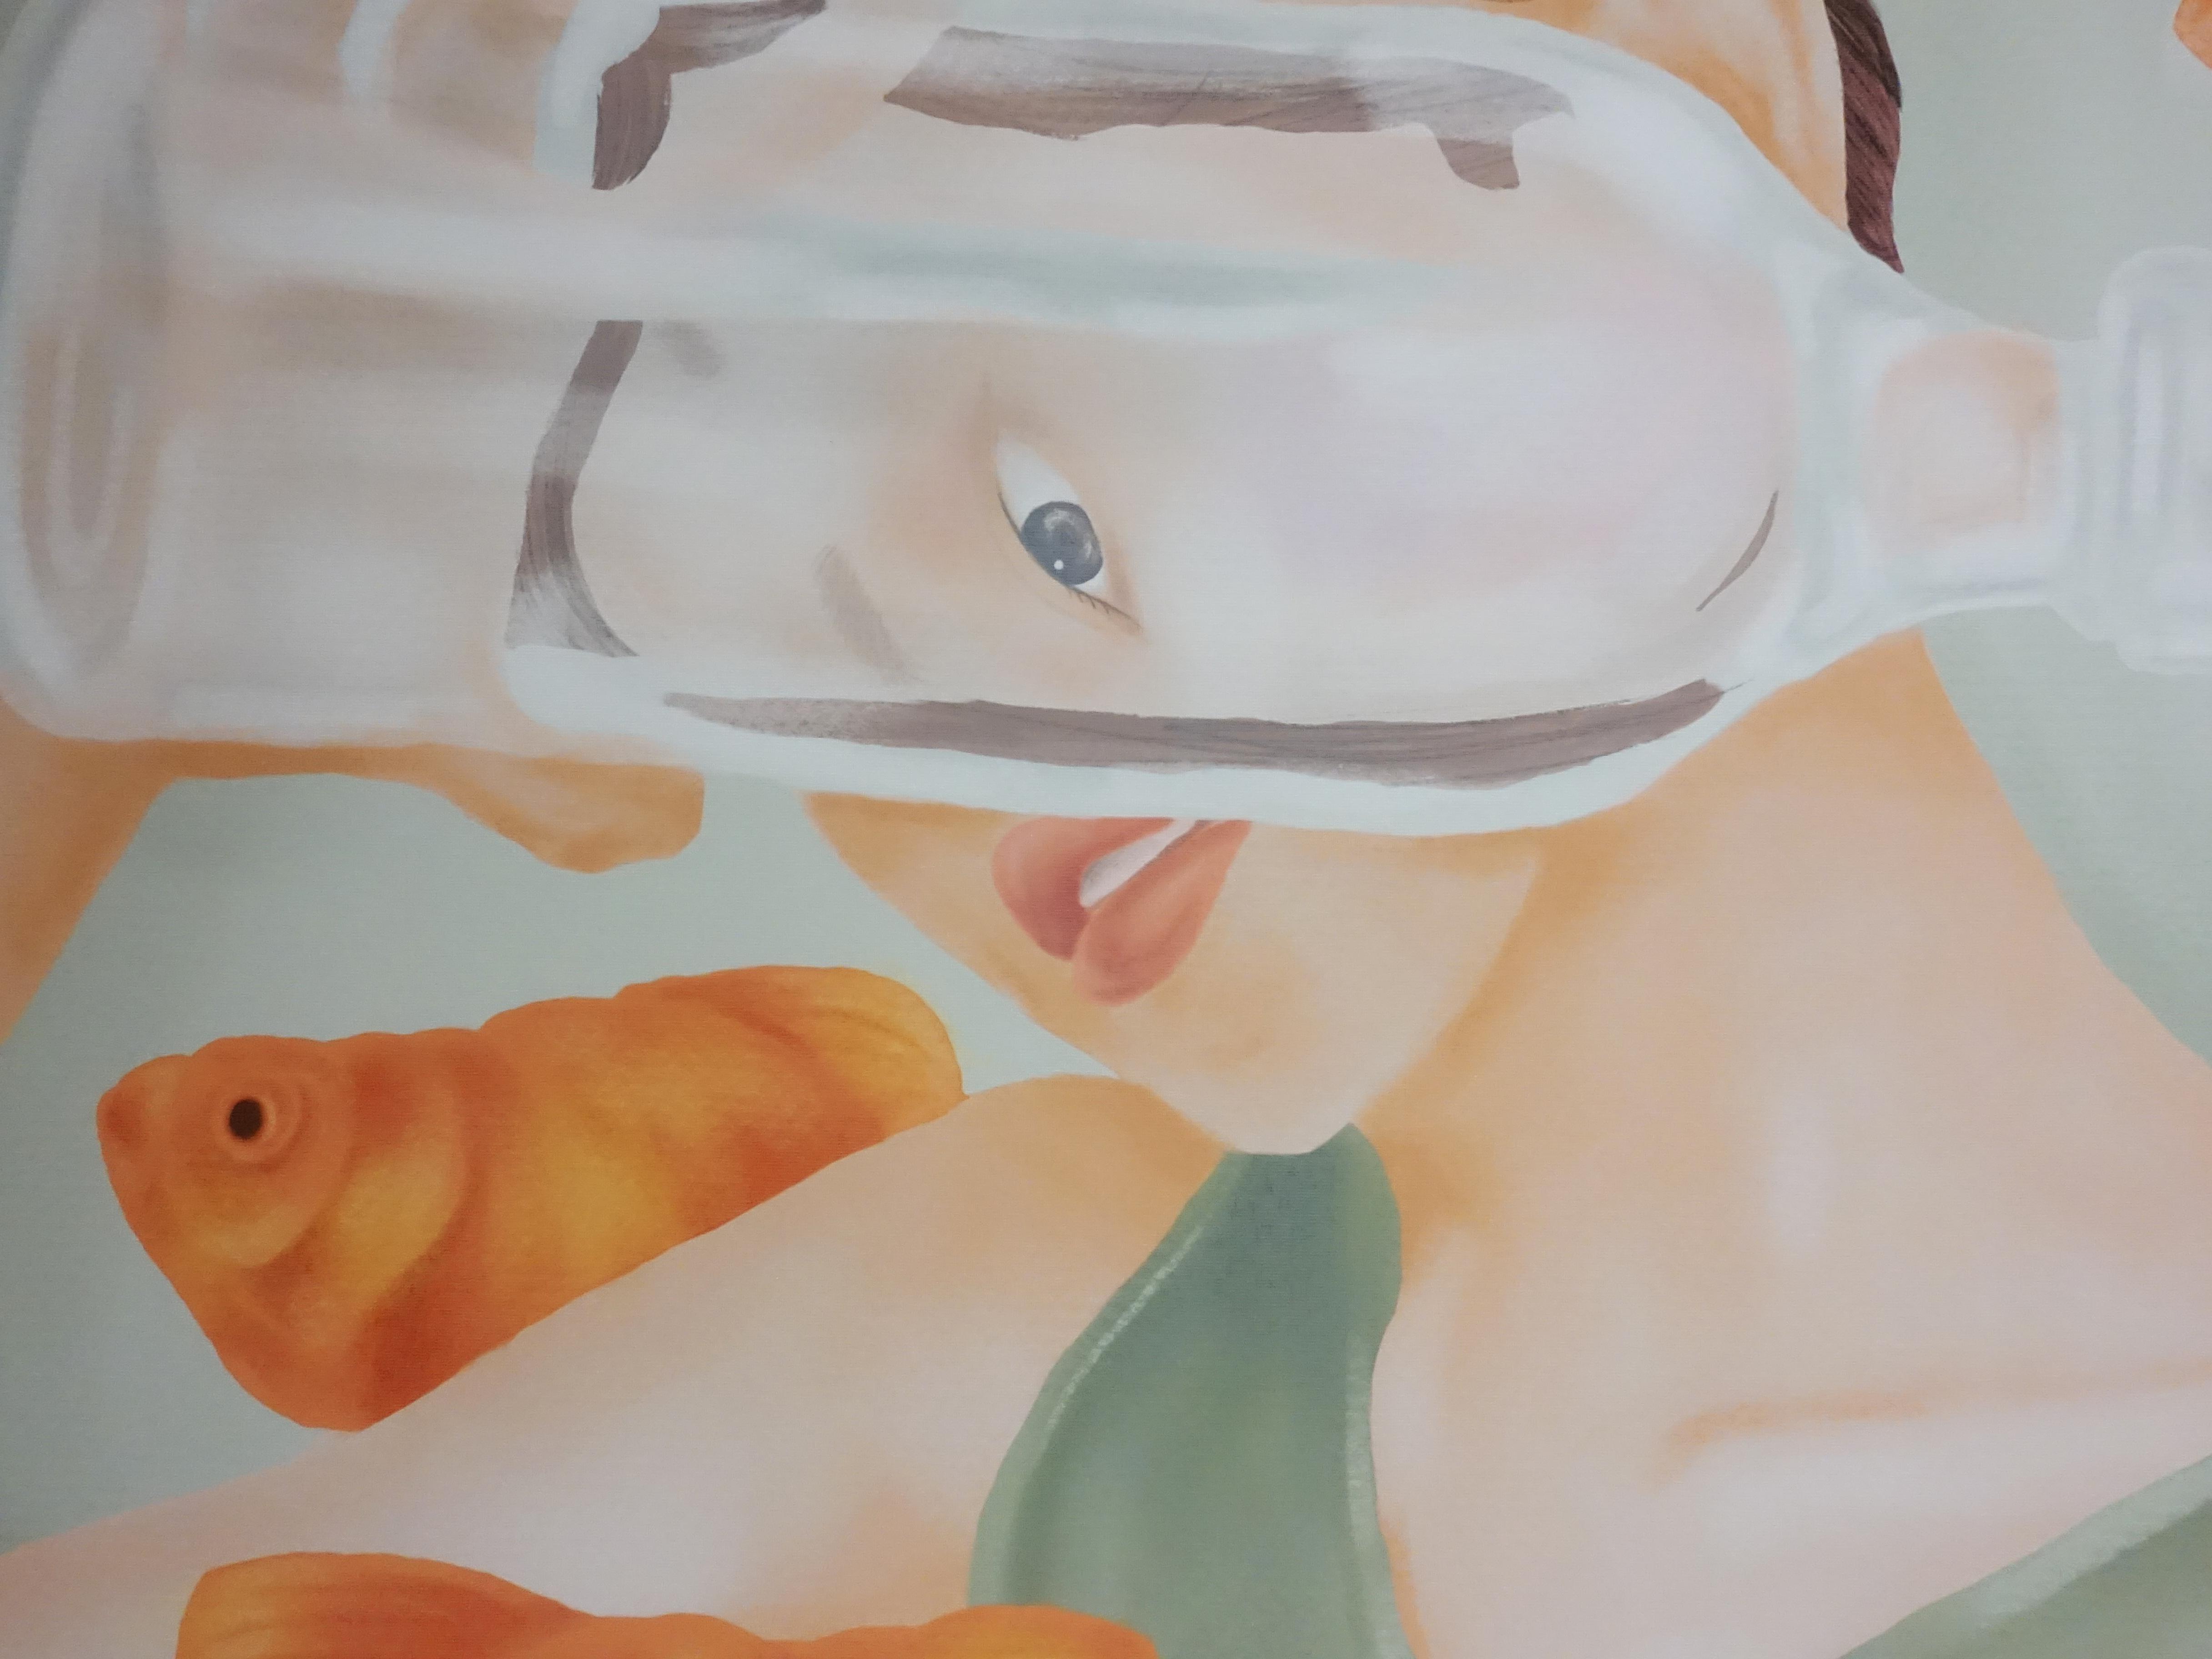 連師屏,《自由是》細節,數位繪圖,50 x 50 cm 1/10,2019。